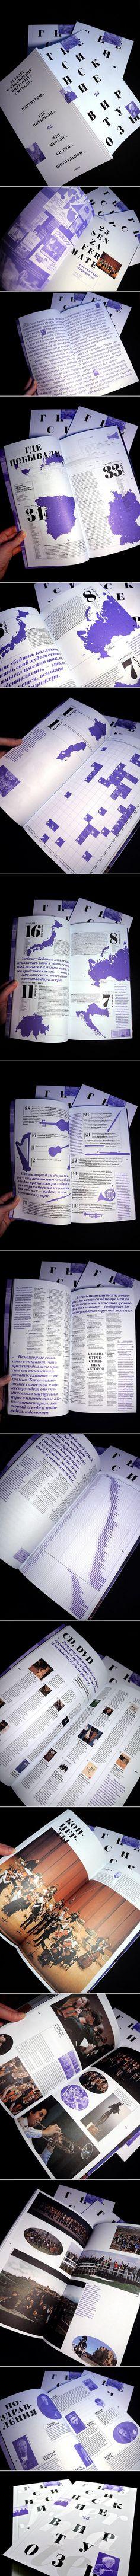 Альбом к 25-летию оркестра «Гнесинские виртуозы» / groza.design / дизайнер: Анастасия Журба / год издания: 2016